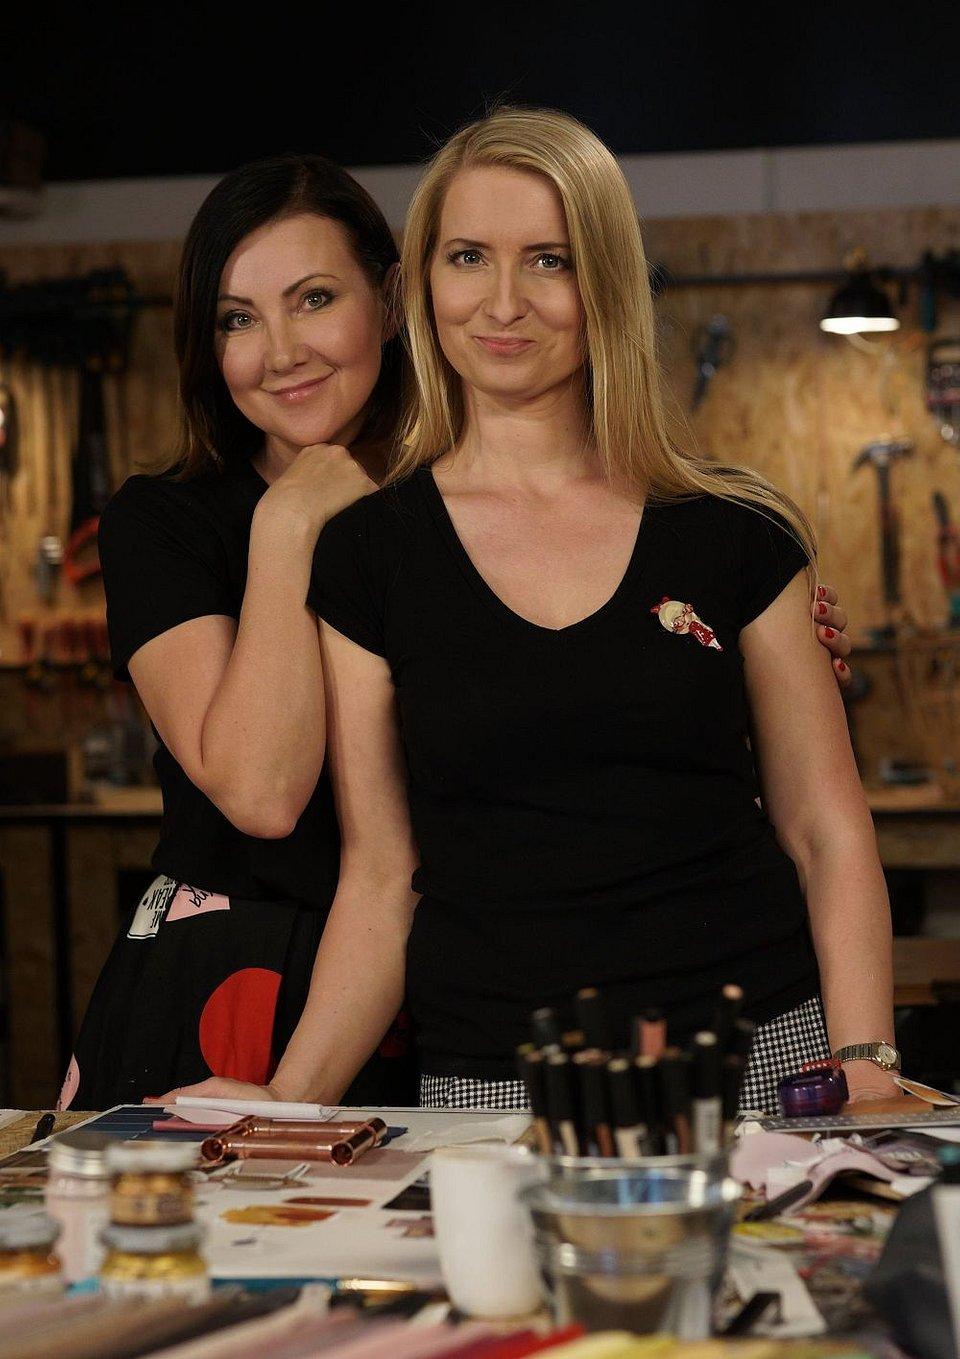 Ania i Beti, autorki bloga wnętrzarskiego Pani to Potrafi i prowadzące program